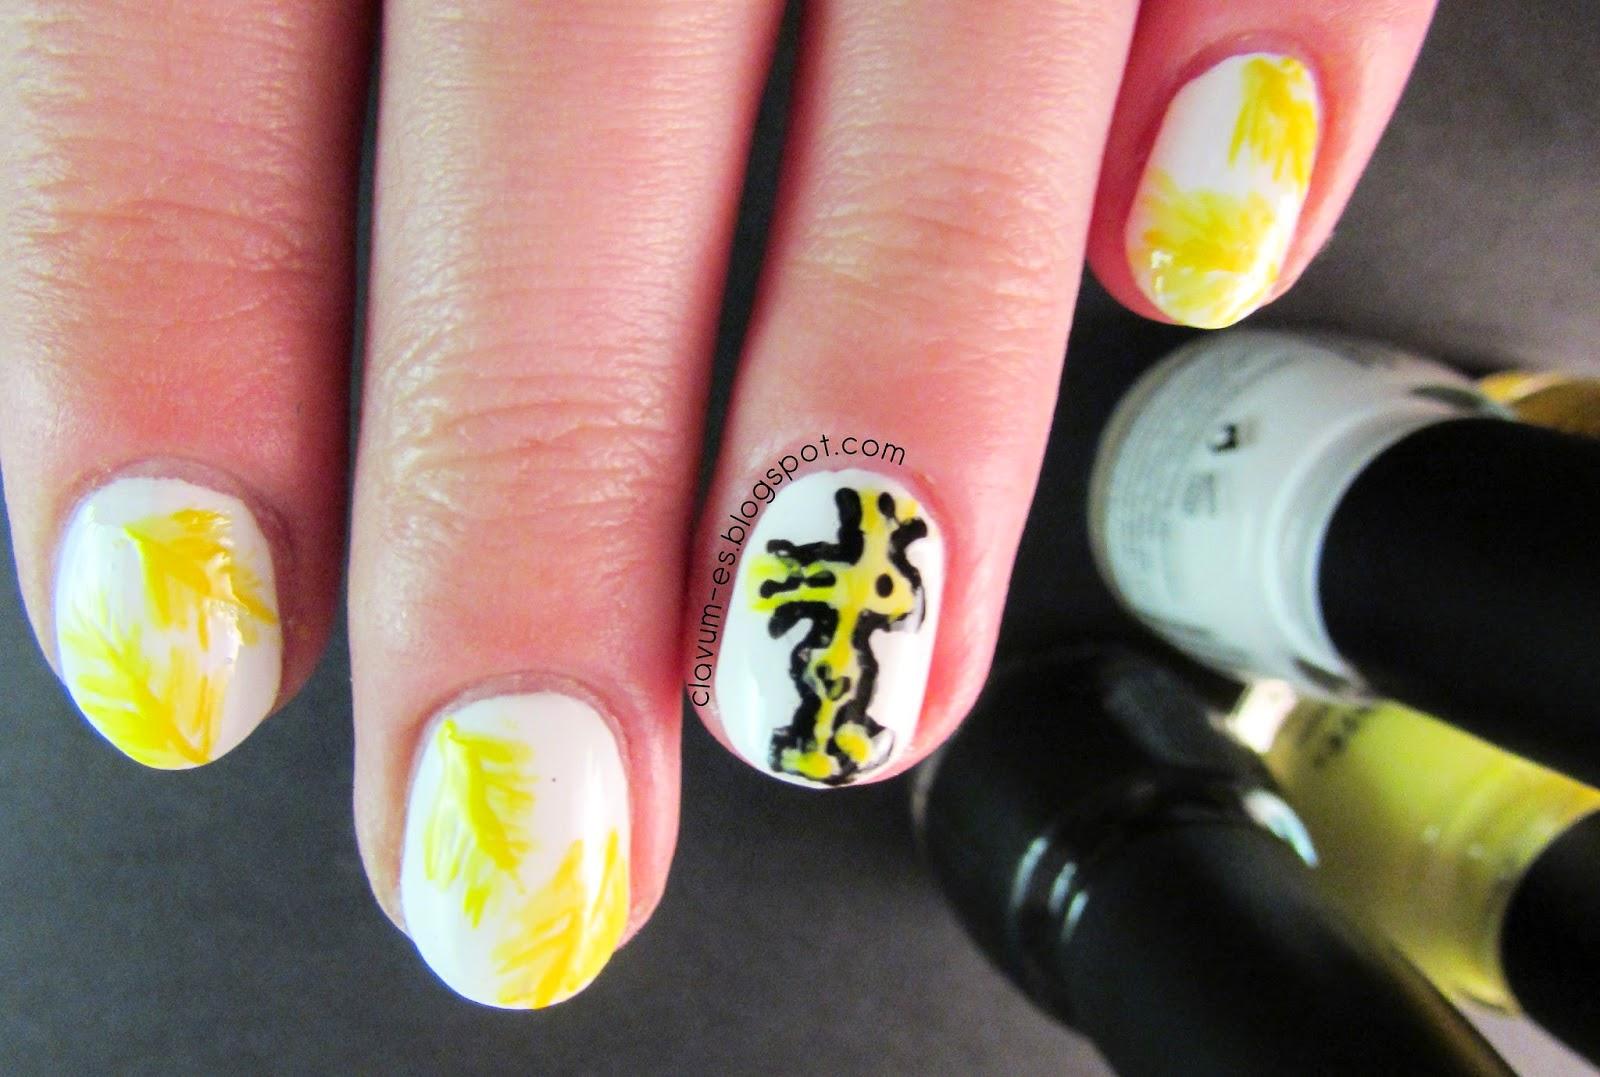 Woodstock Nail Art